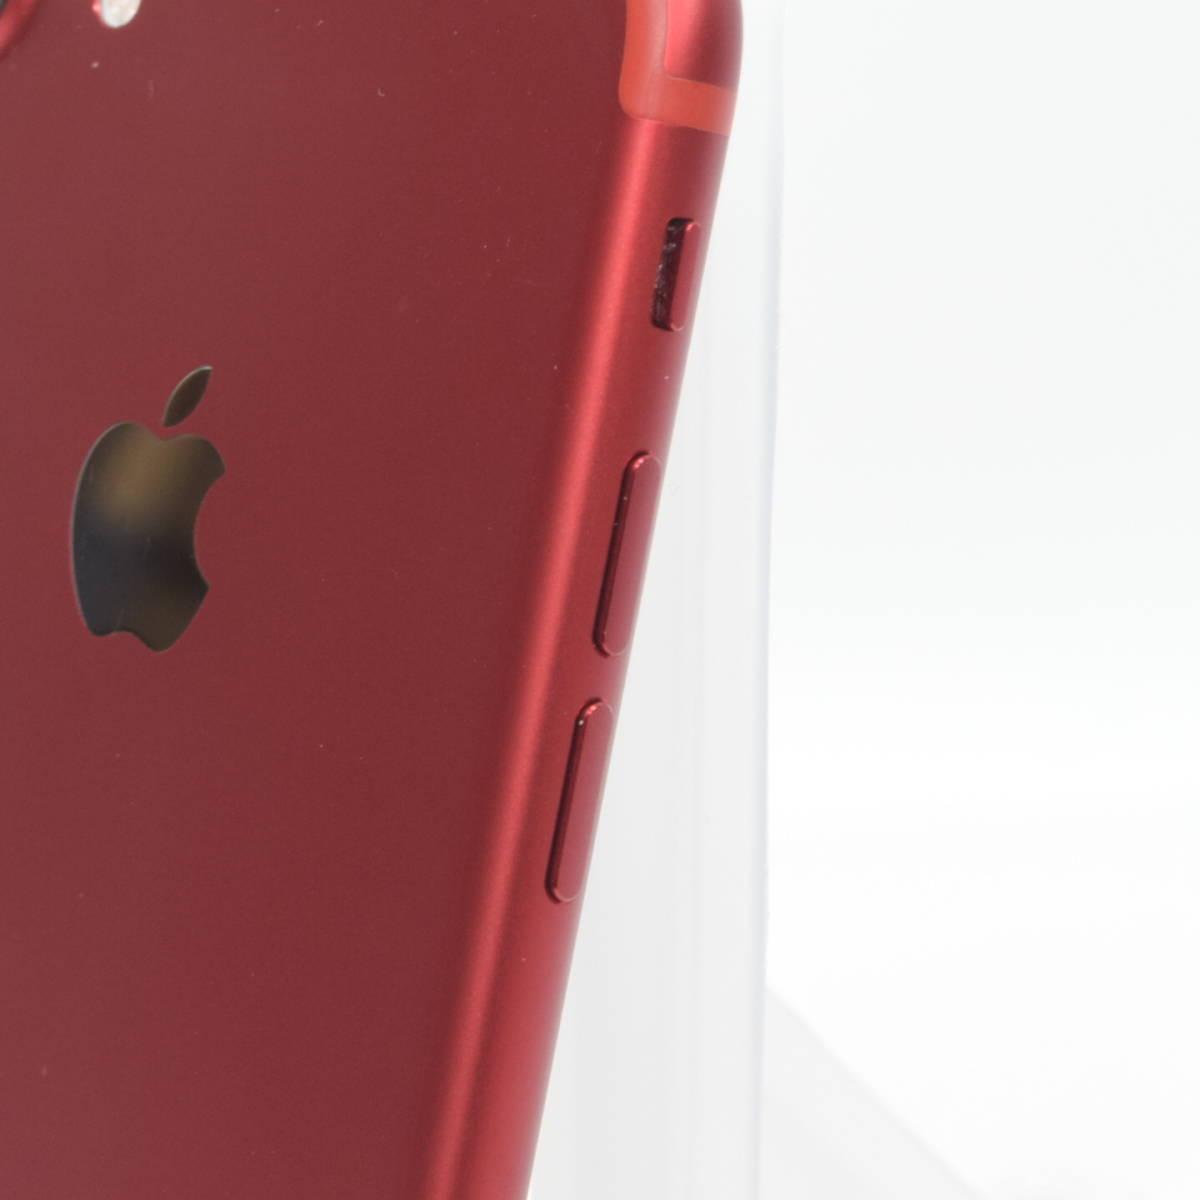 [TA503] 超美品 SIMフリー iPhone7 PRODUCT RED 128GB 付属品未使用 MPRX2J/A A1779 プロダクト レッド _画像8